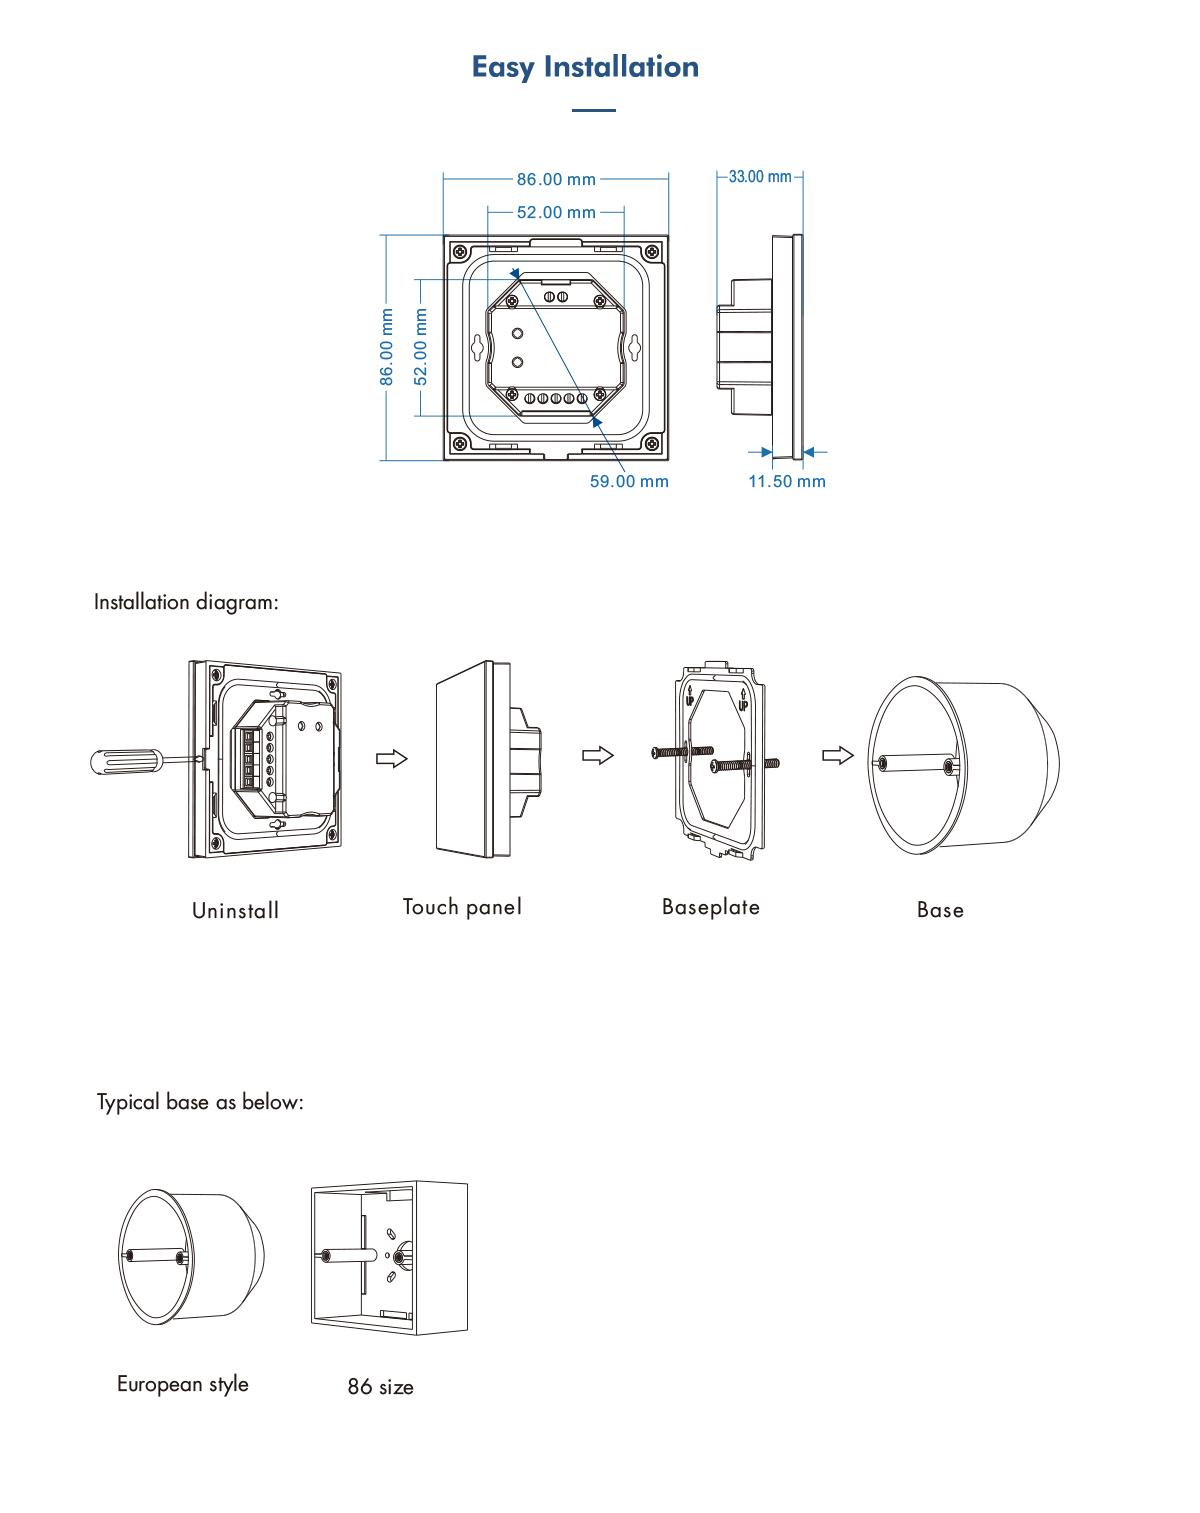 4 Zones Rgb Color Temperature Touch Panel Dmx Master 100